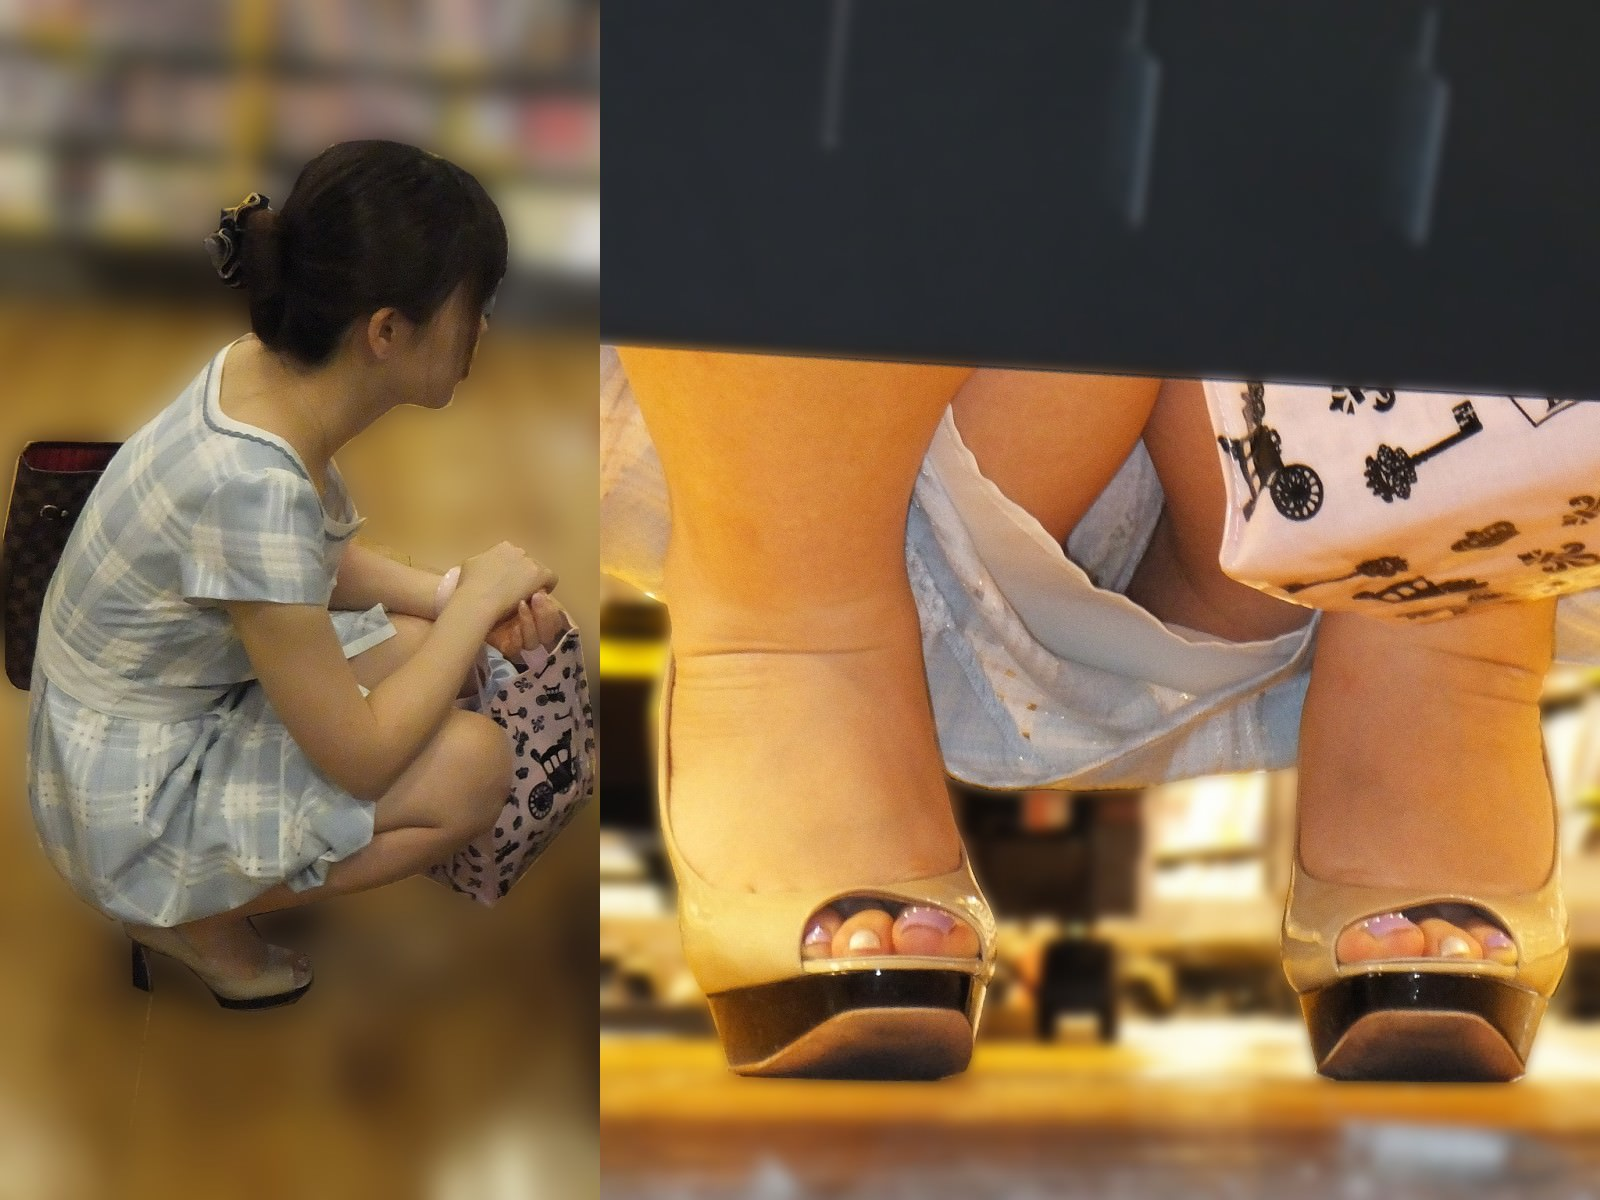 店内棚越しにしゃがみパンチラしてるOLやお姉さんの盗撮素人画像wwwww 18126